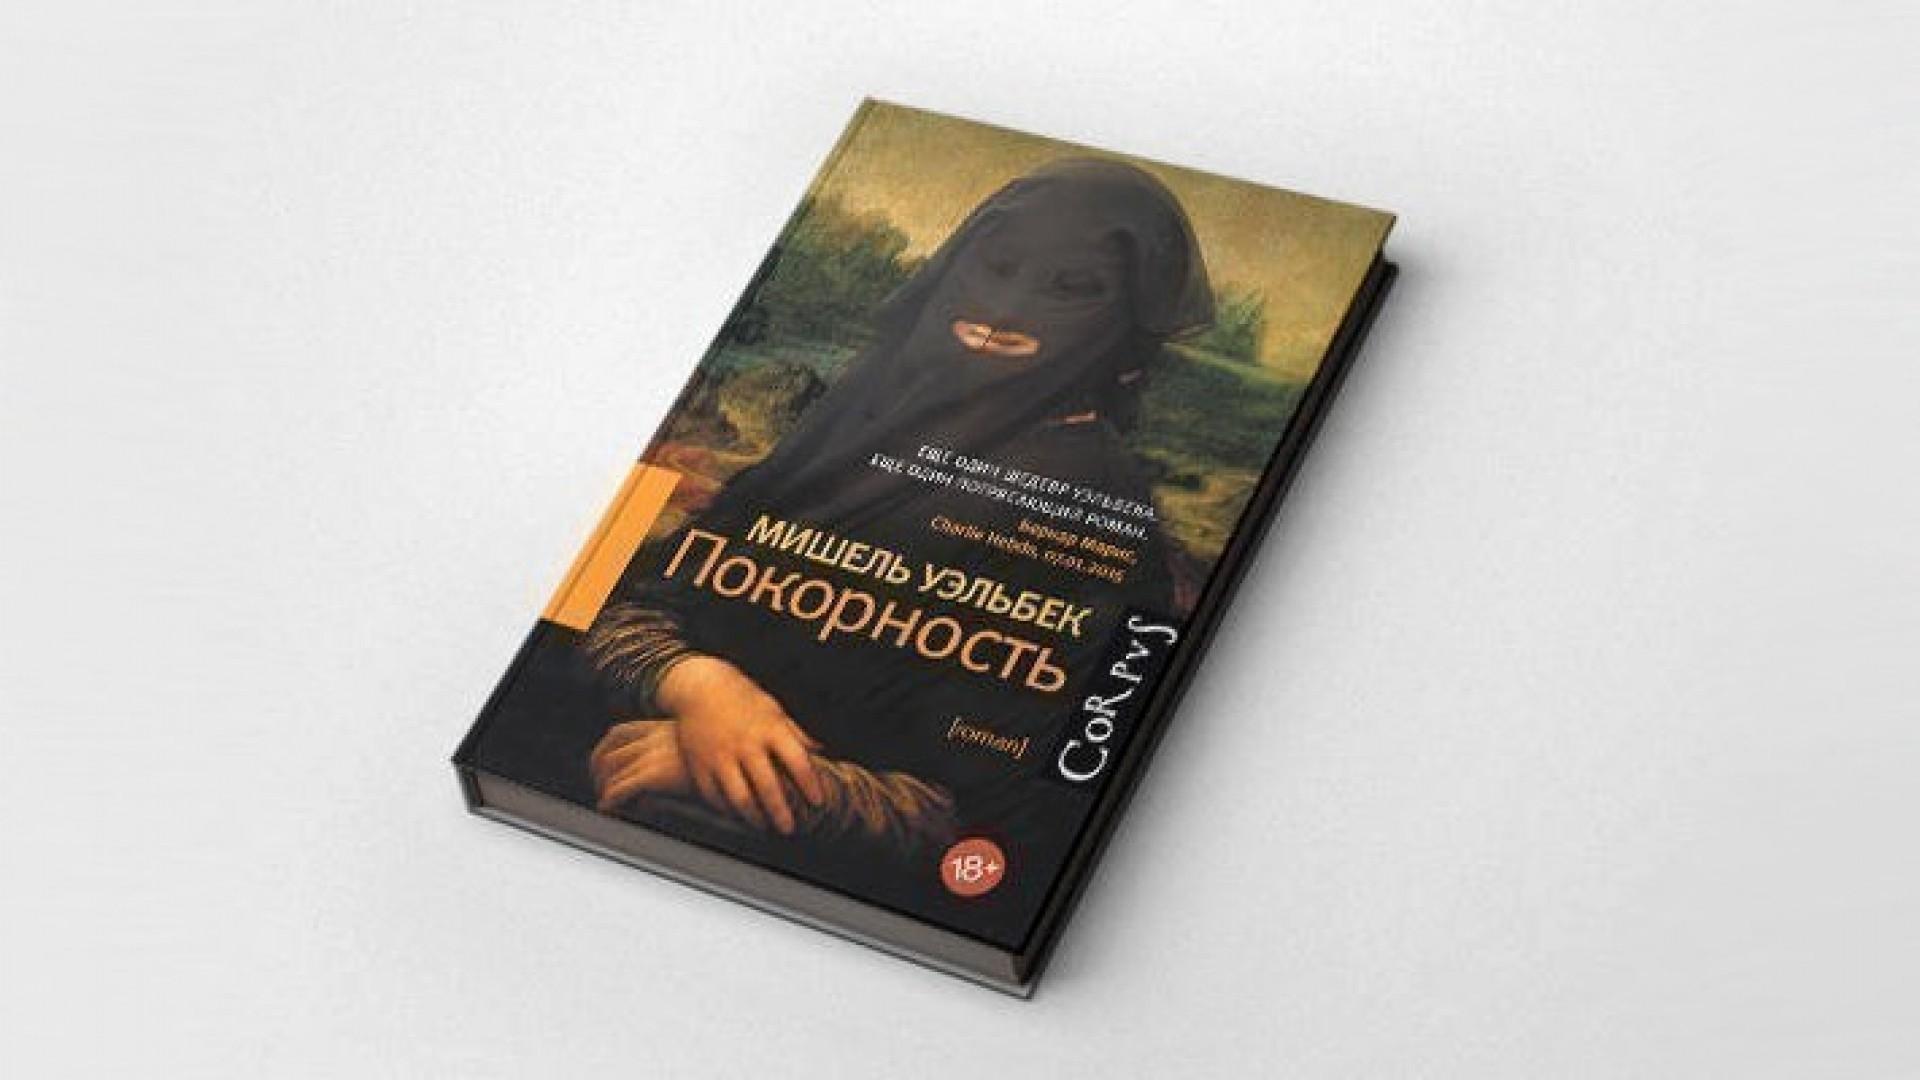 Роман «Покорность»: о страхе одиночества,  поисках смысла жизни и вере в светлое будущее